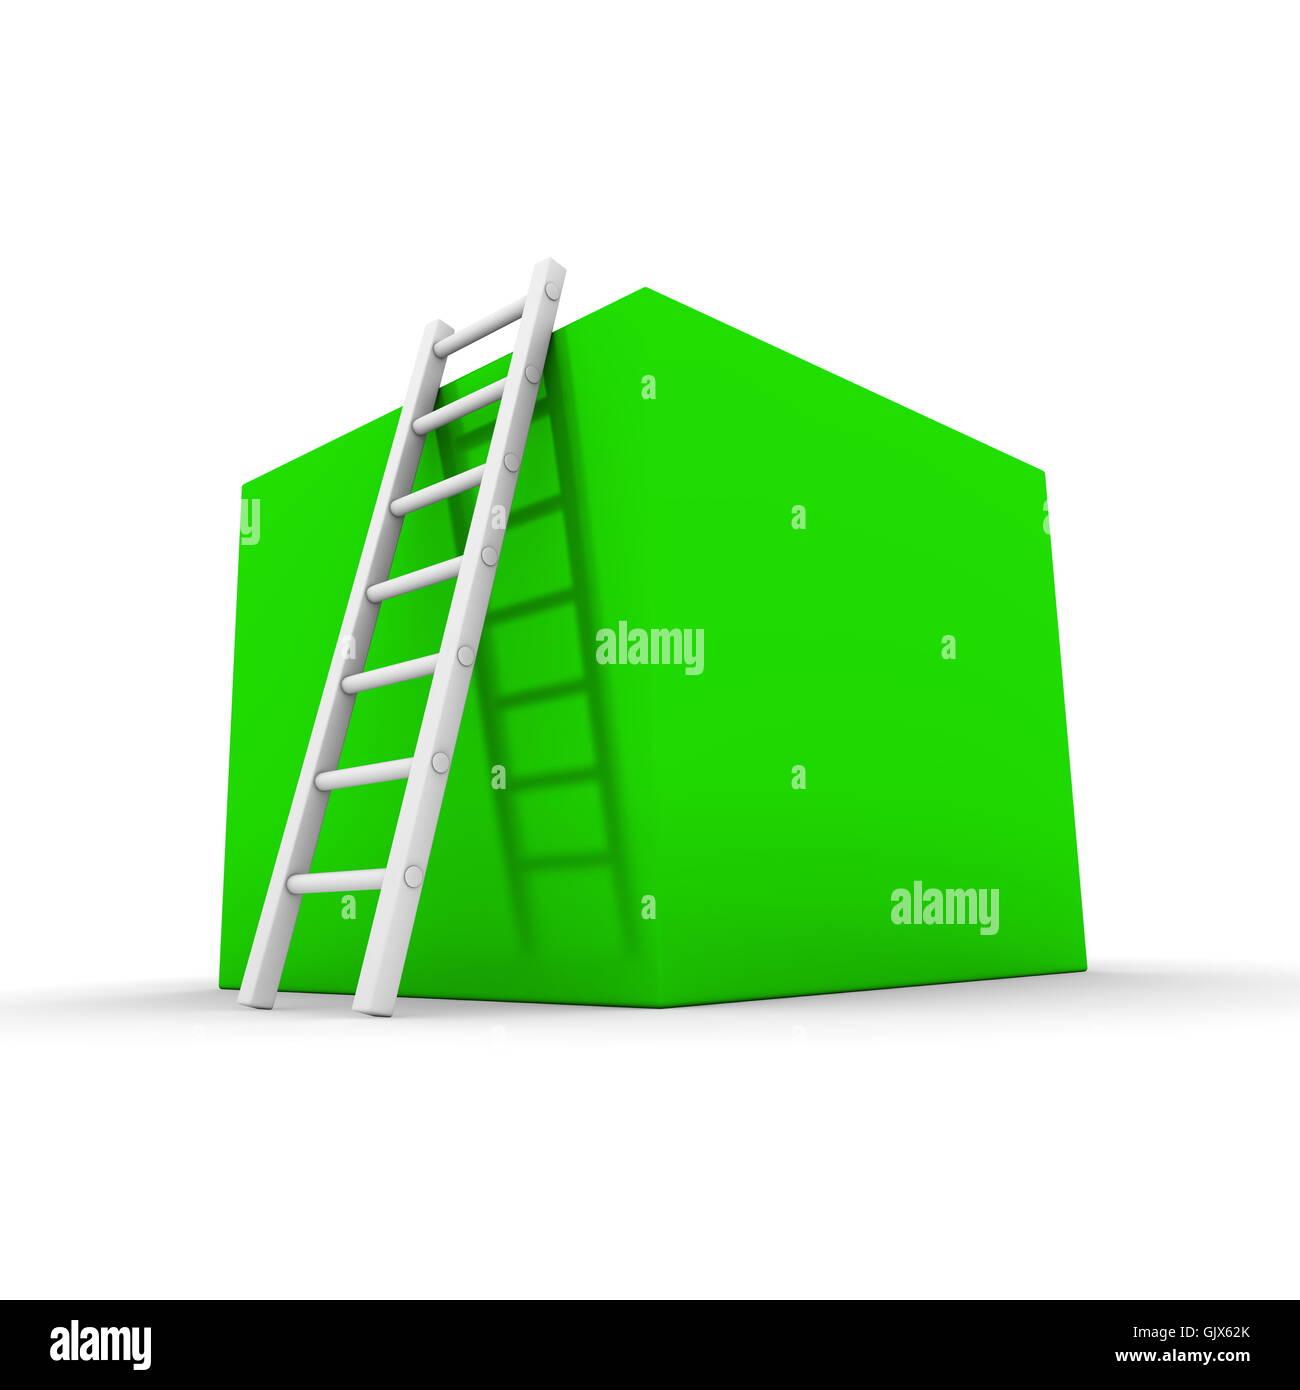 Climb up the Shiny Green Box - Stock Image